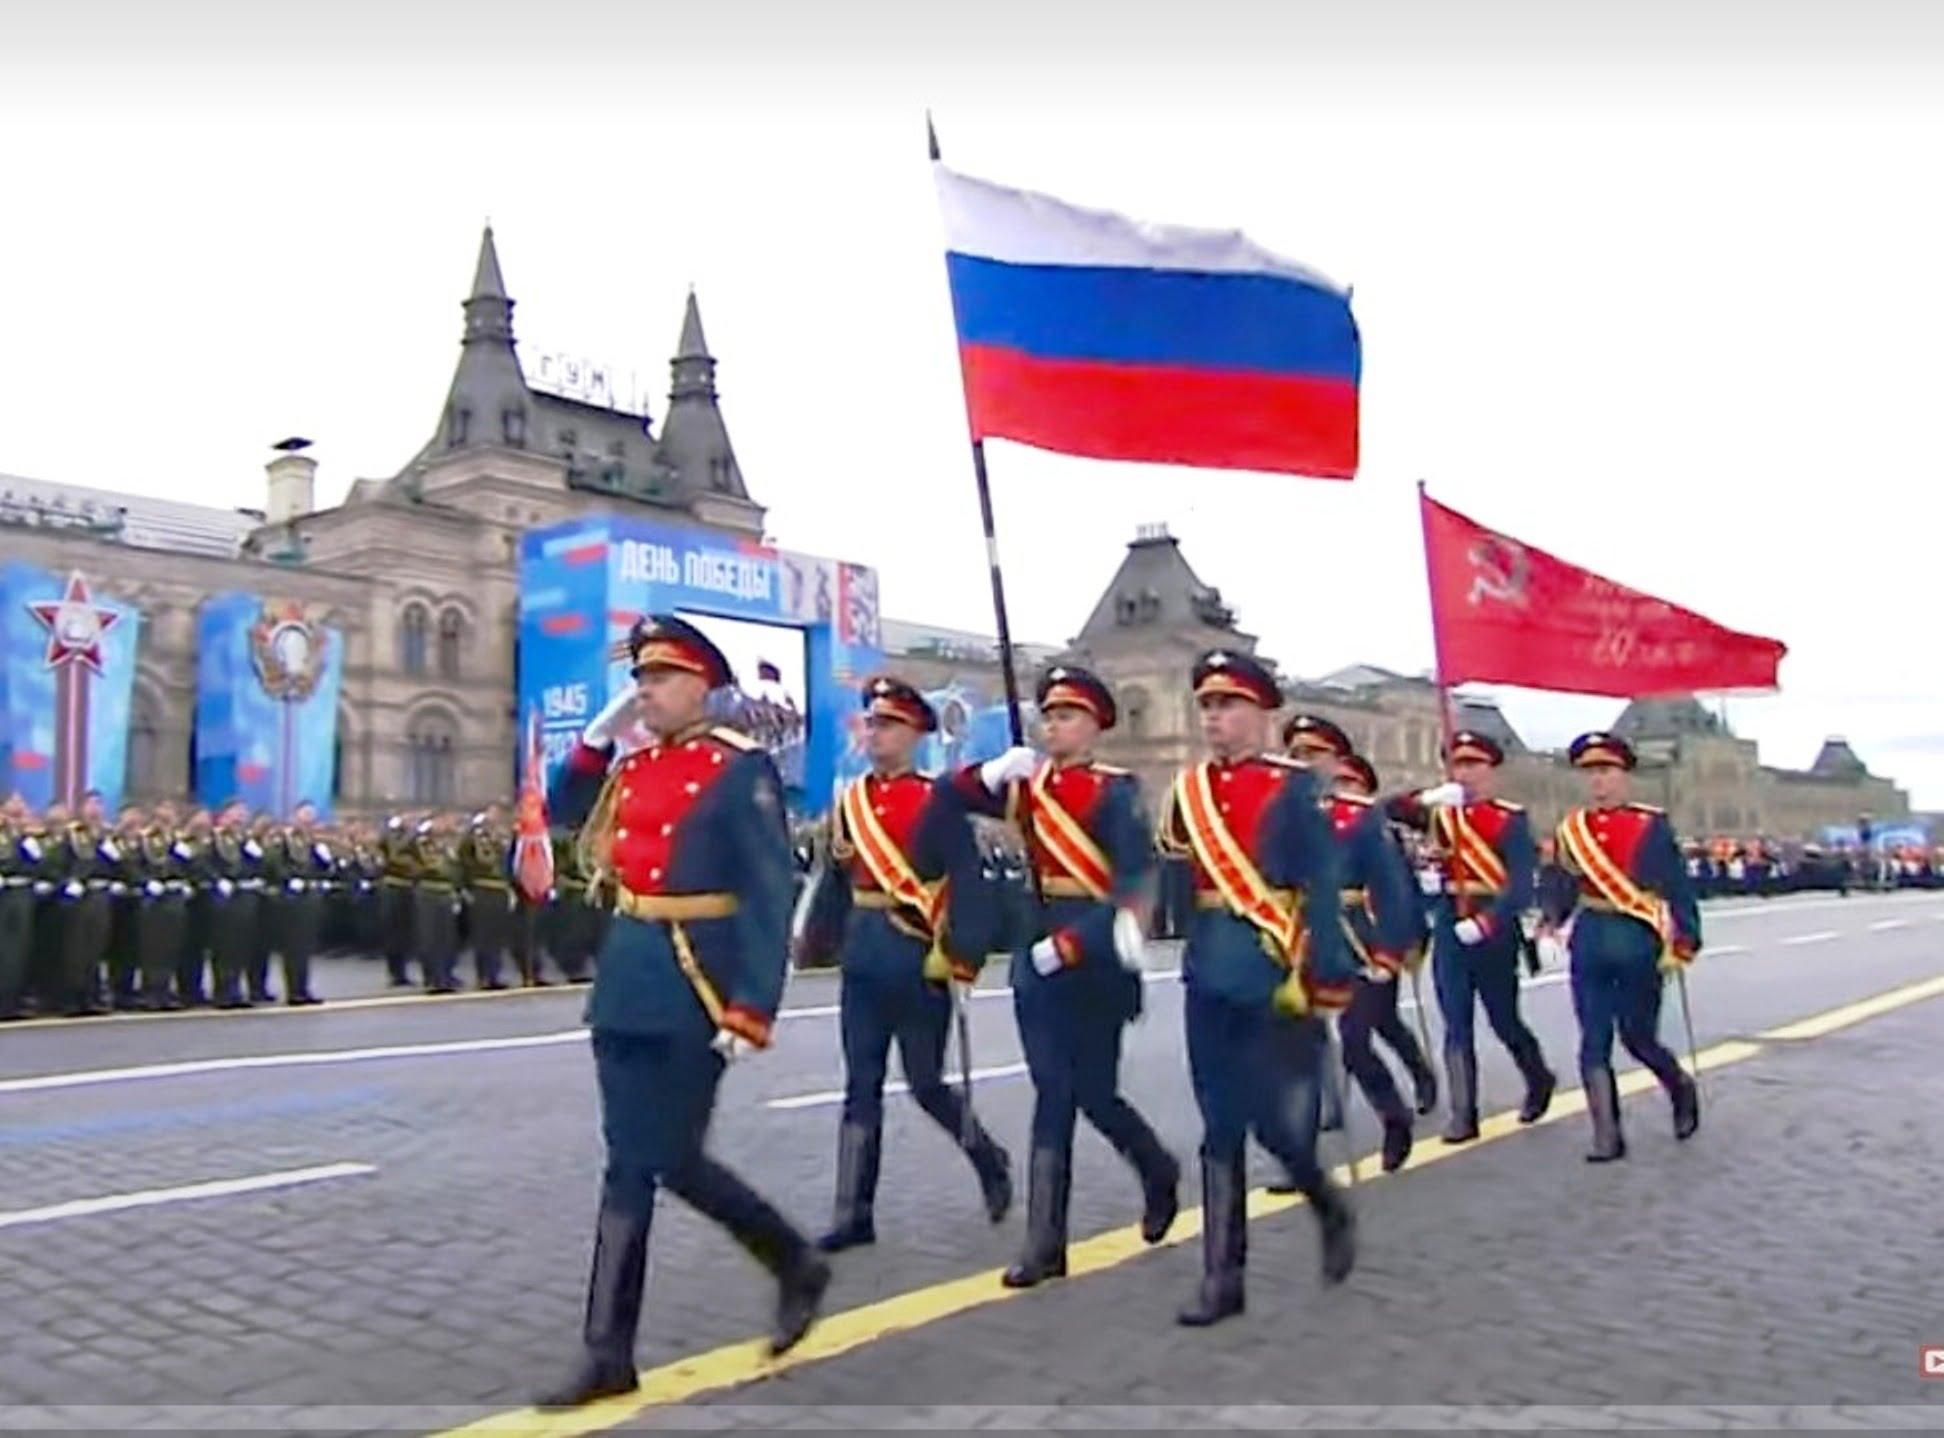 Ρωσία: Δείτε την στρατιωτική παρέλαση για την Ημέρα Νίκης [vid]